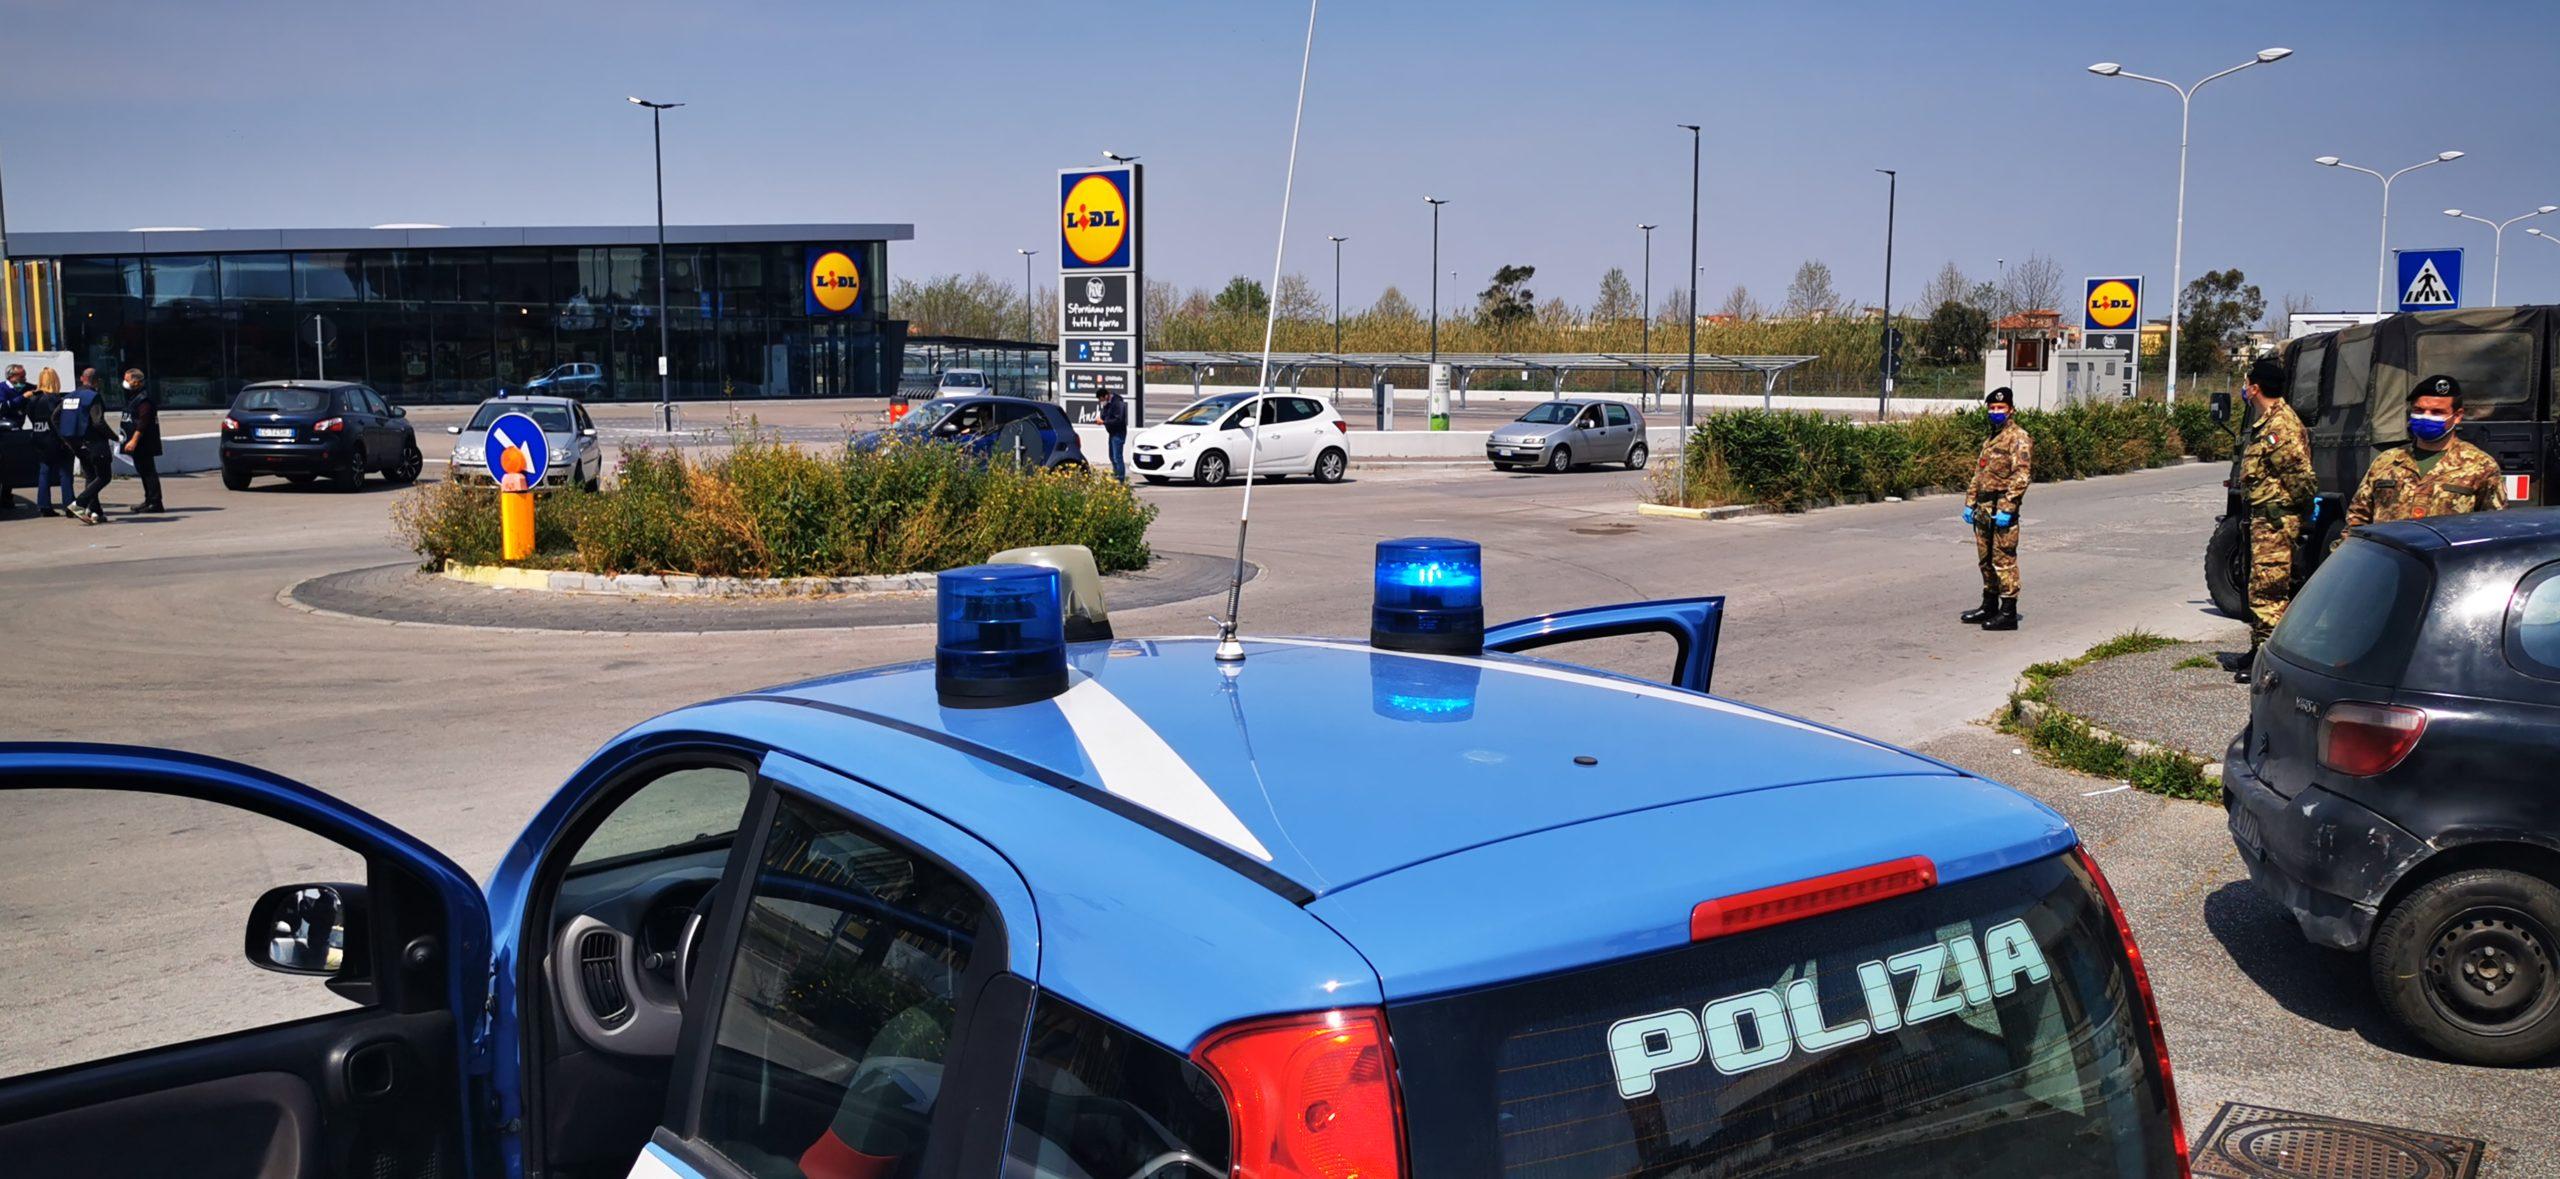 Giugliano, città blindata: in strada polizia, carabinieri, esercito e municipale